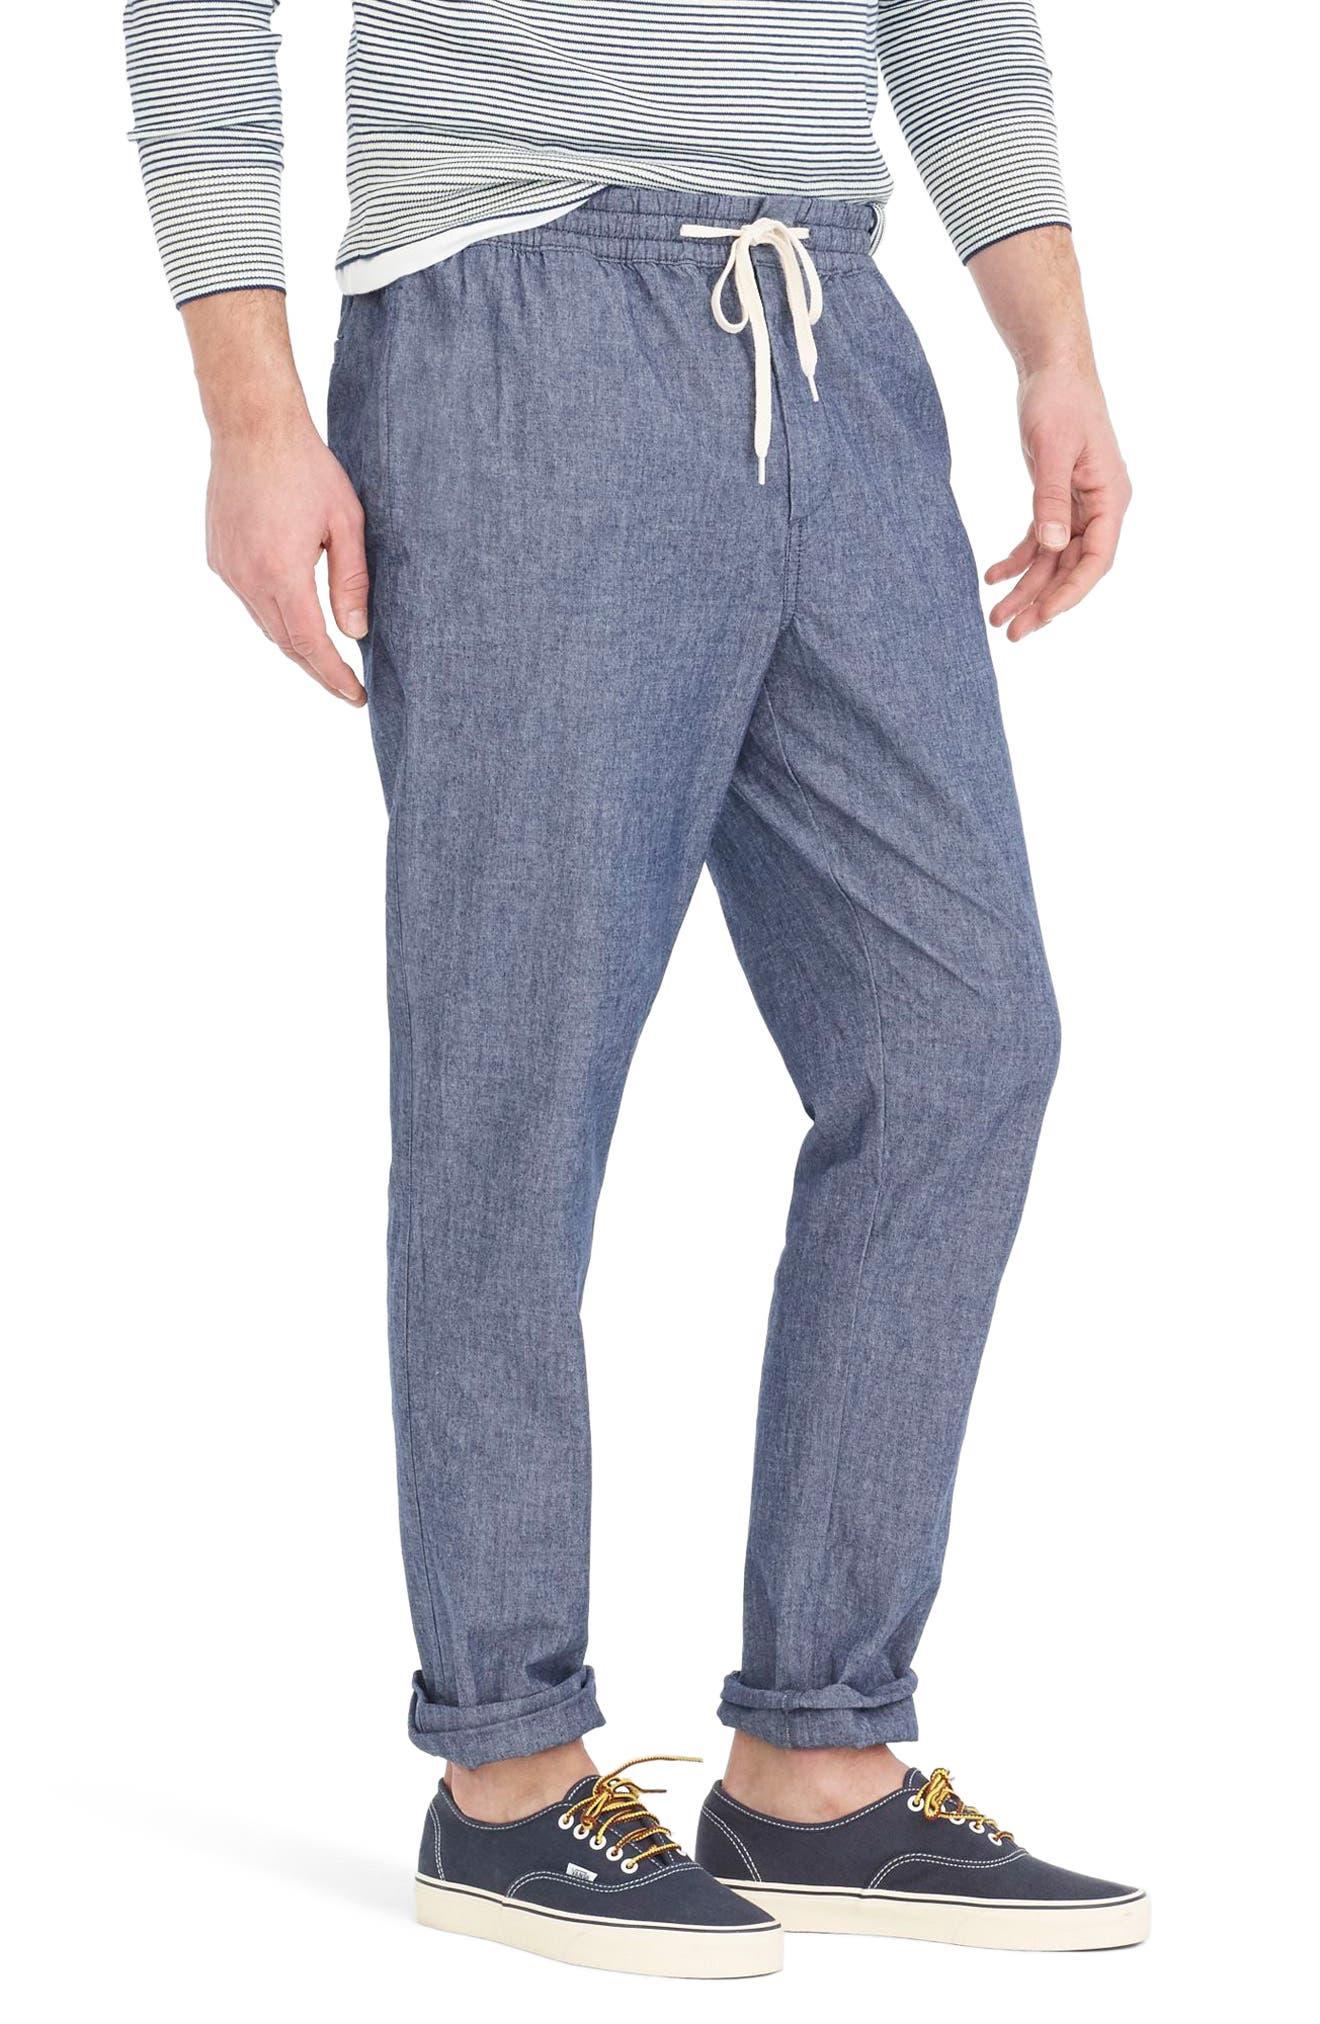 Chambray Drawstring Pants,                             Alternate thumbnail 3, color,                             402